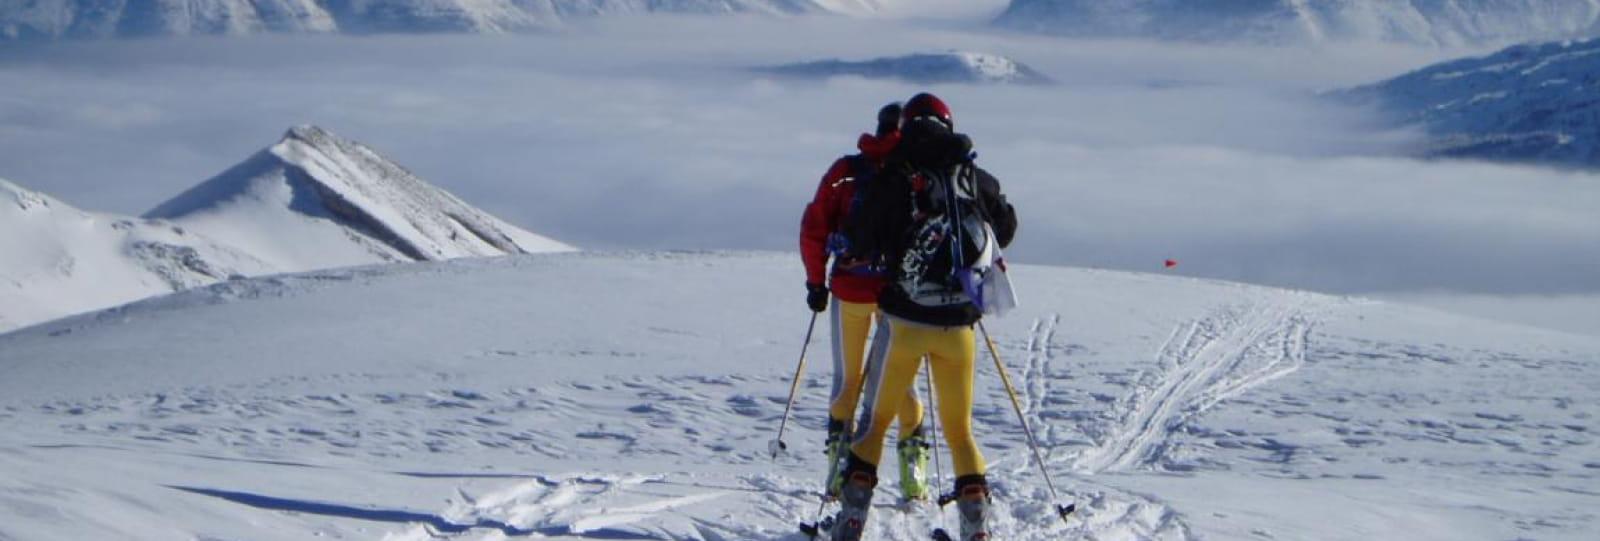 Ski Touring with En Montagne